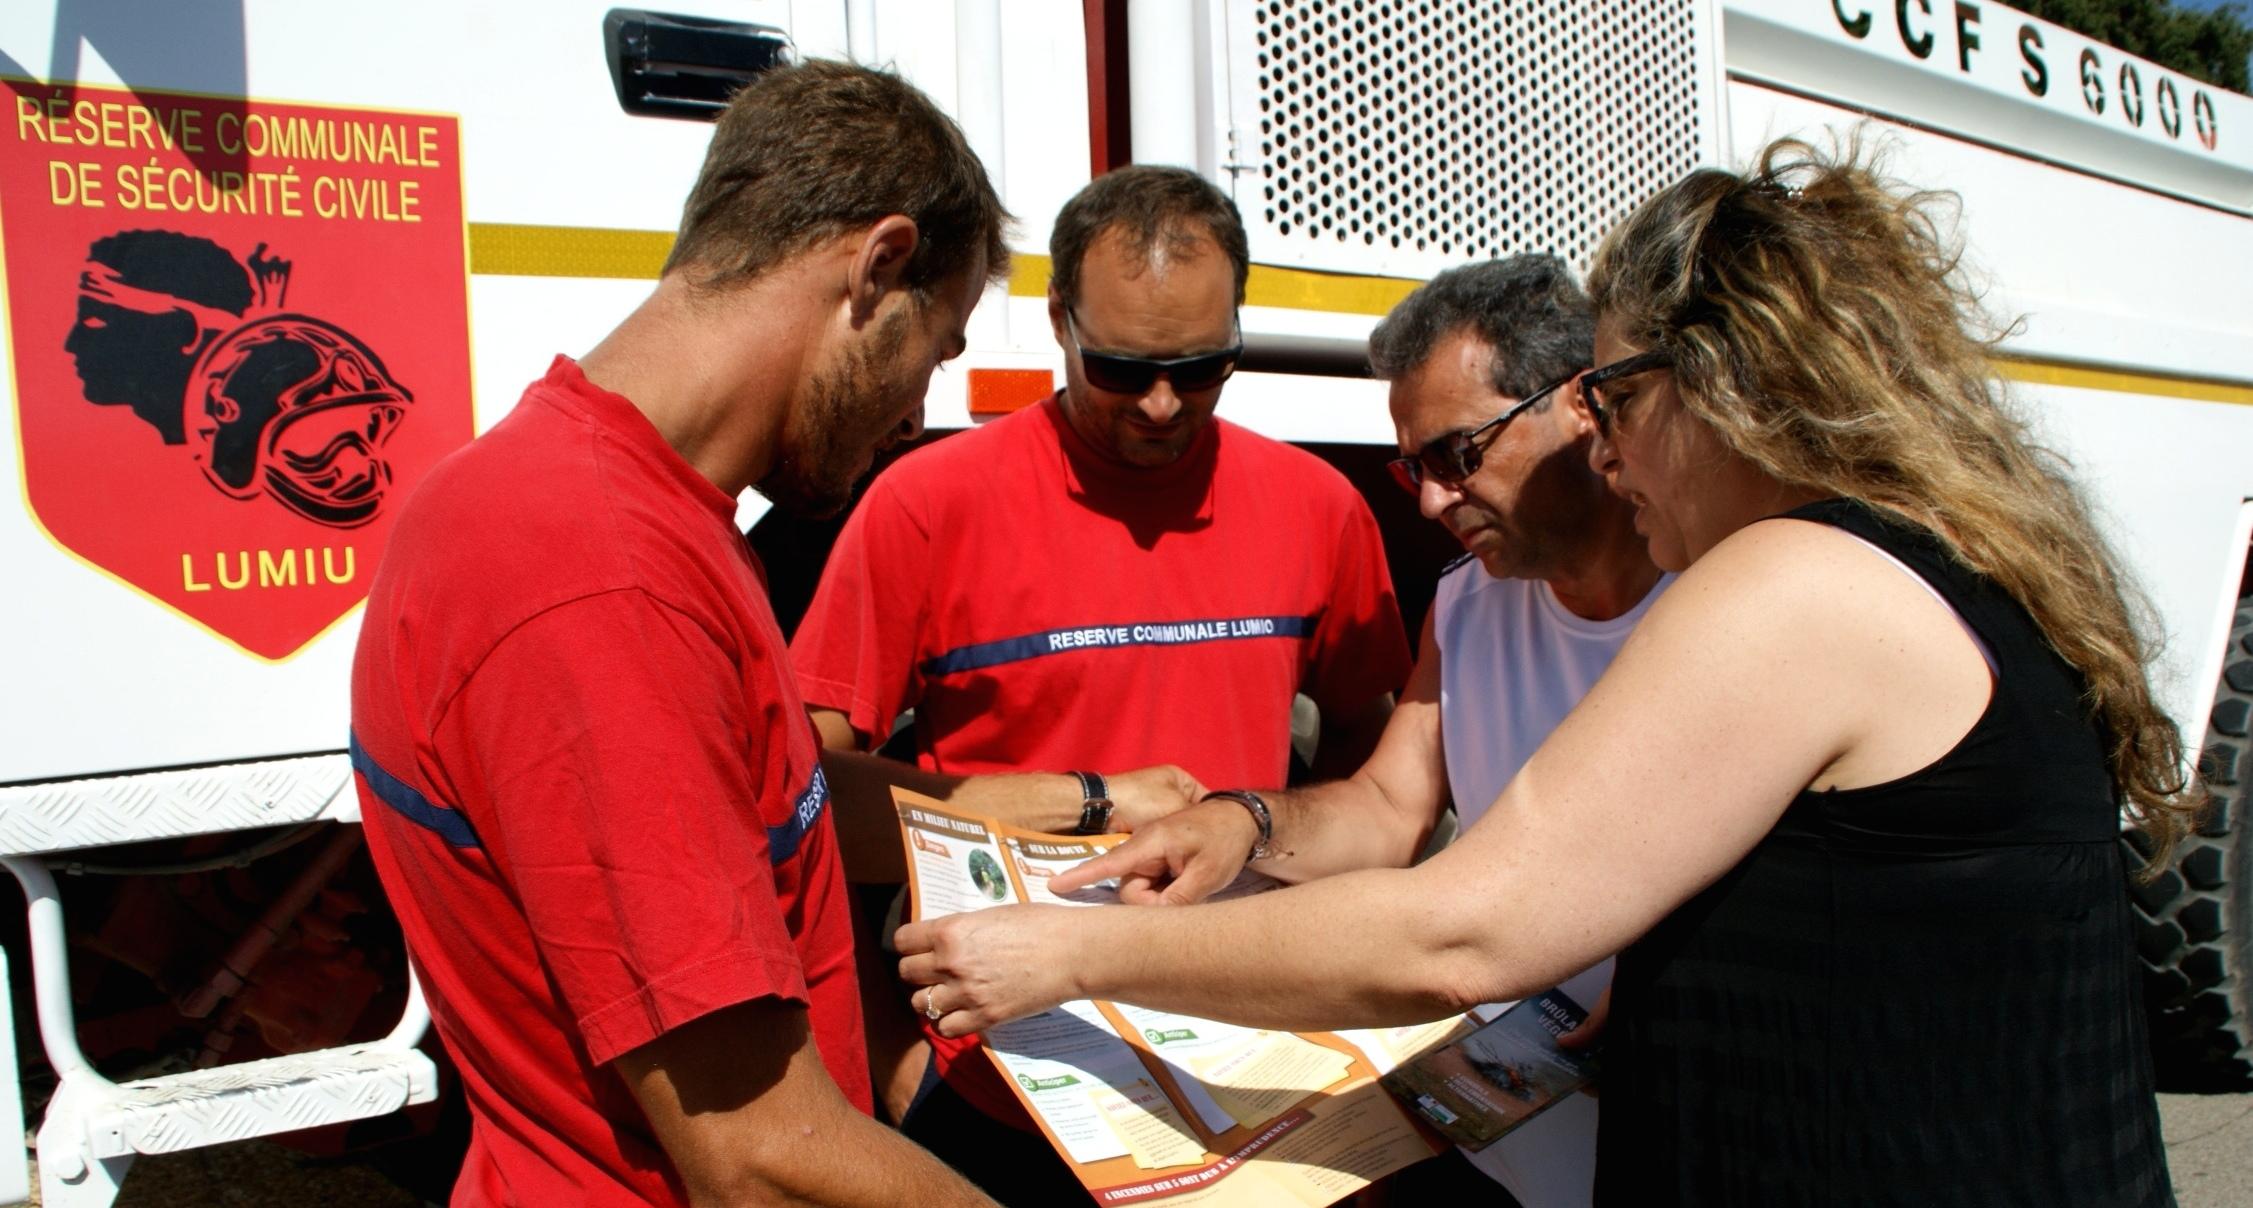 L'action de prévention incendie des réserves communales de Haute-Corse